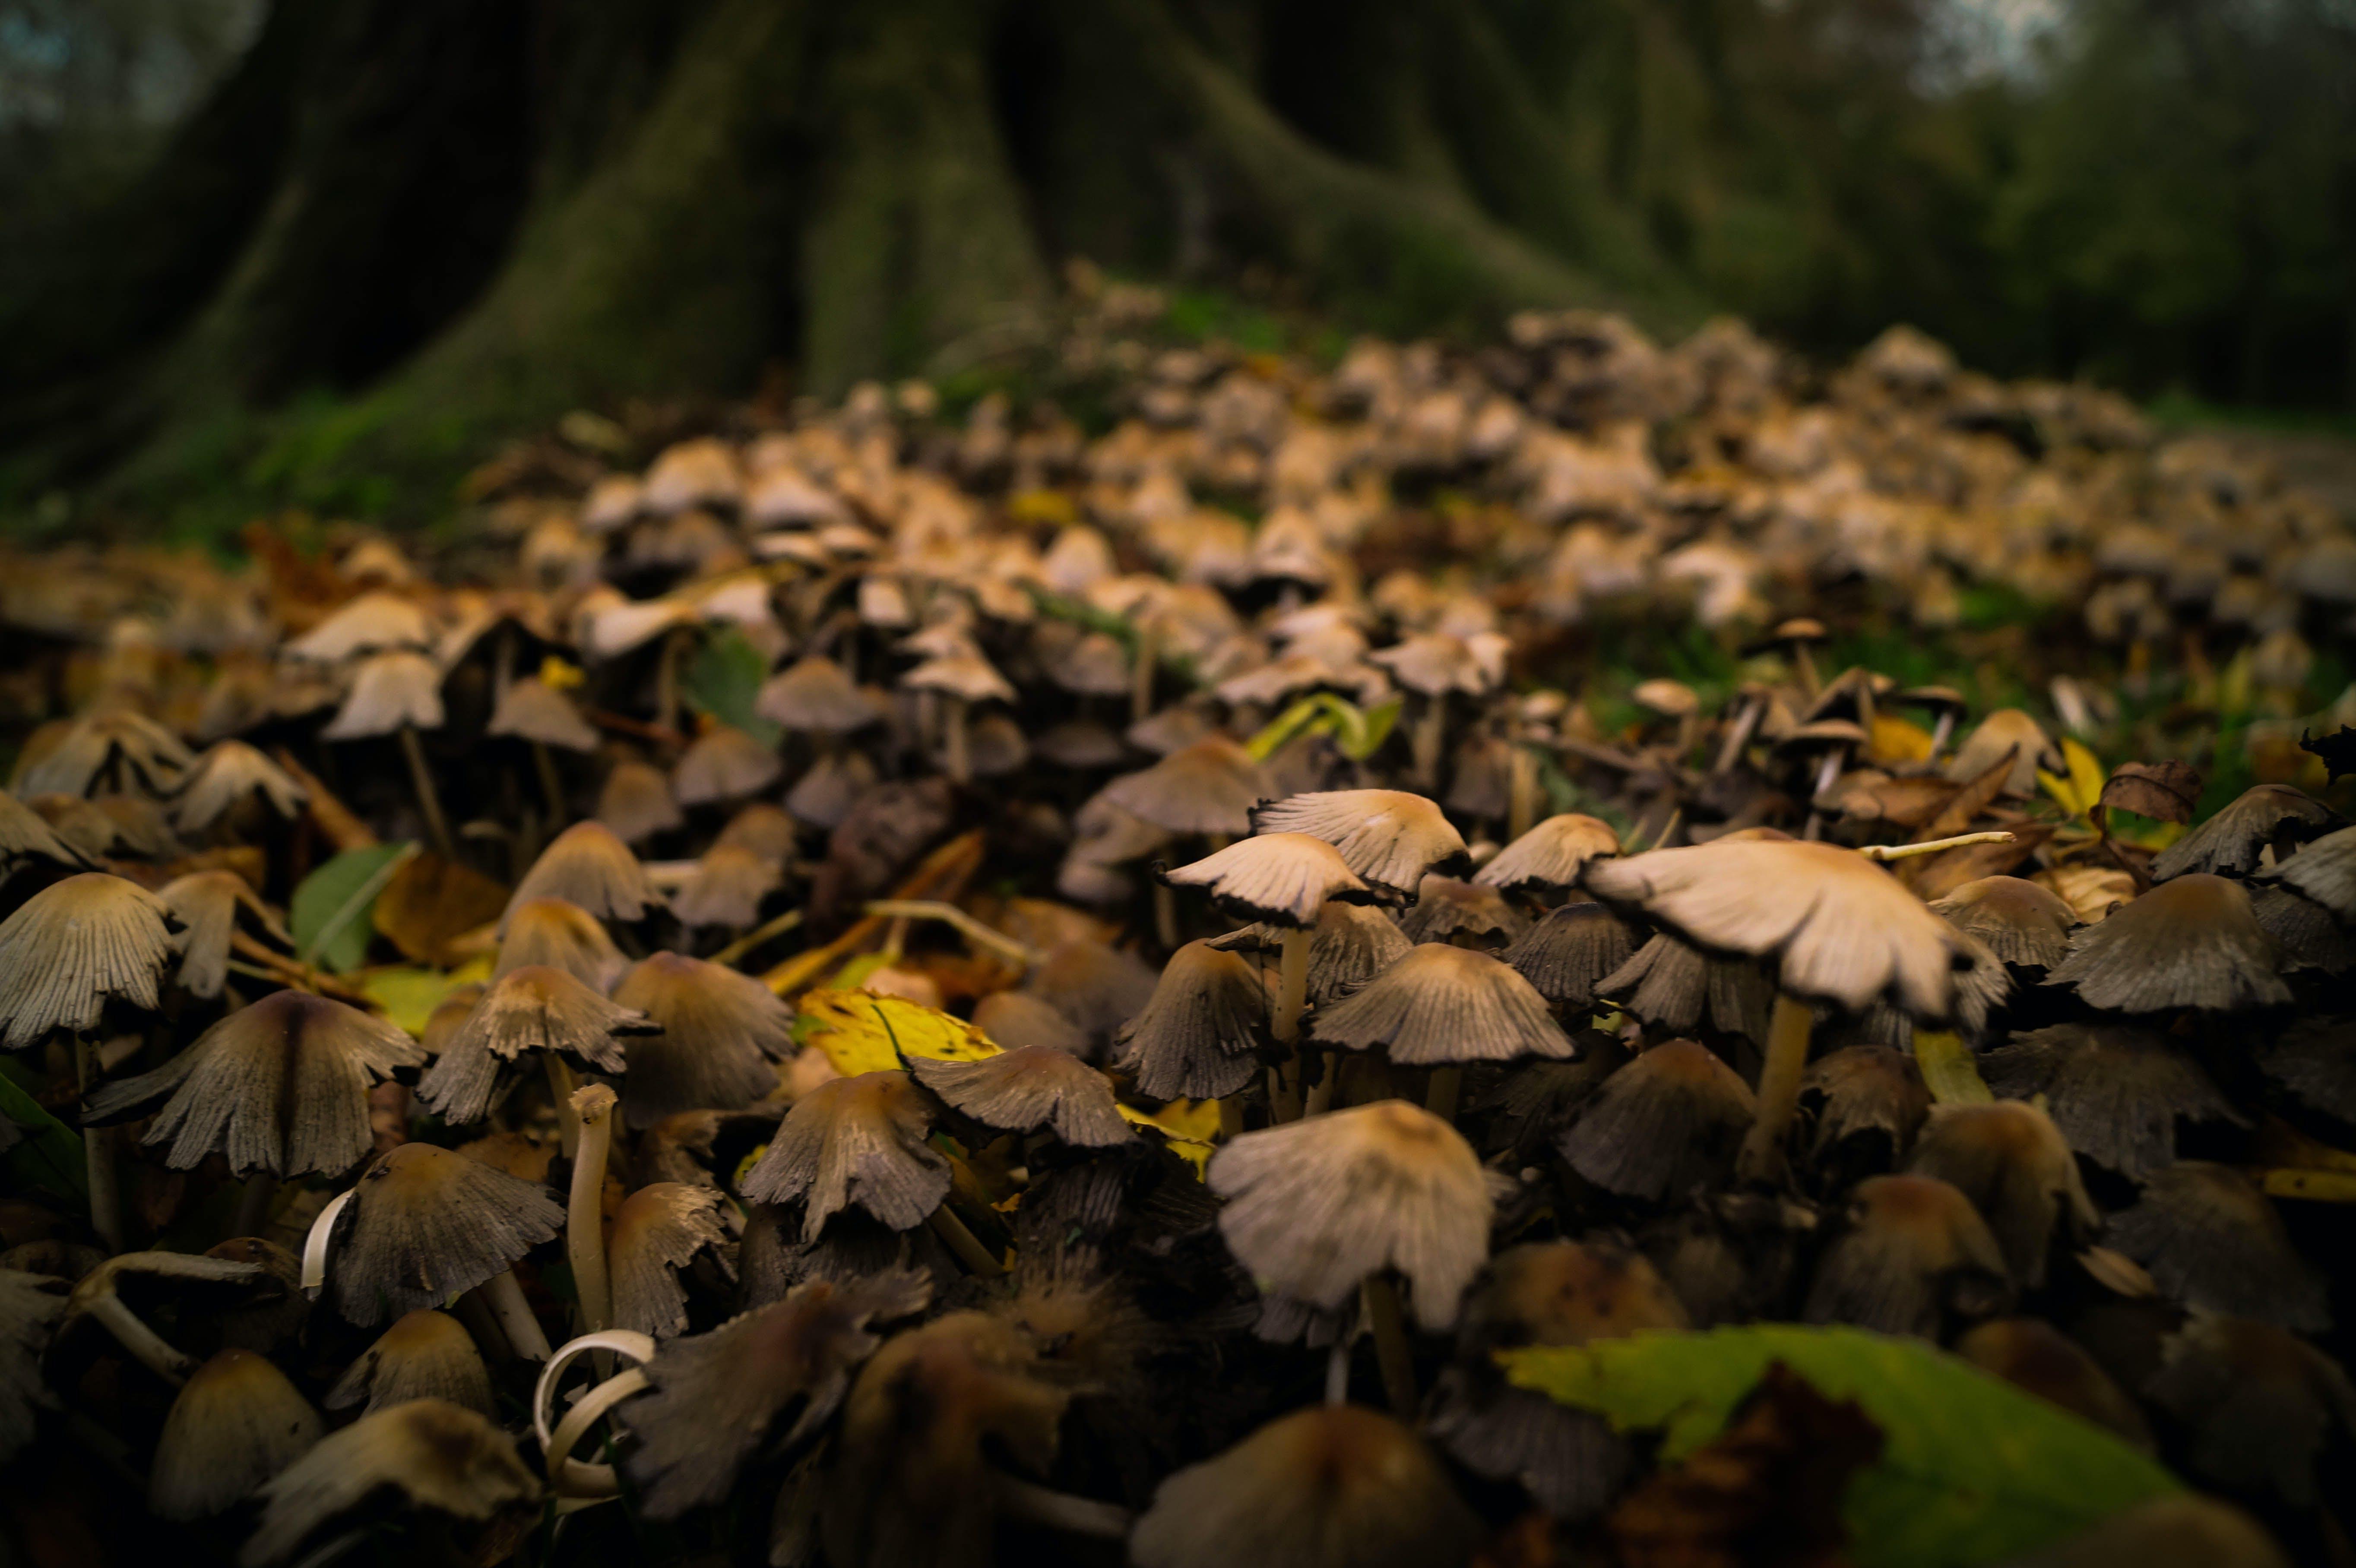 Brown Mushroom Field Near Tree